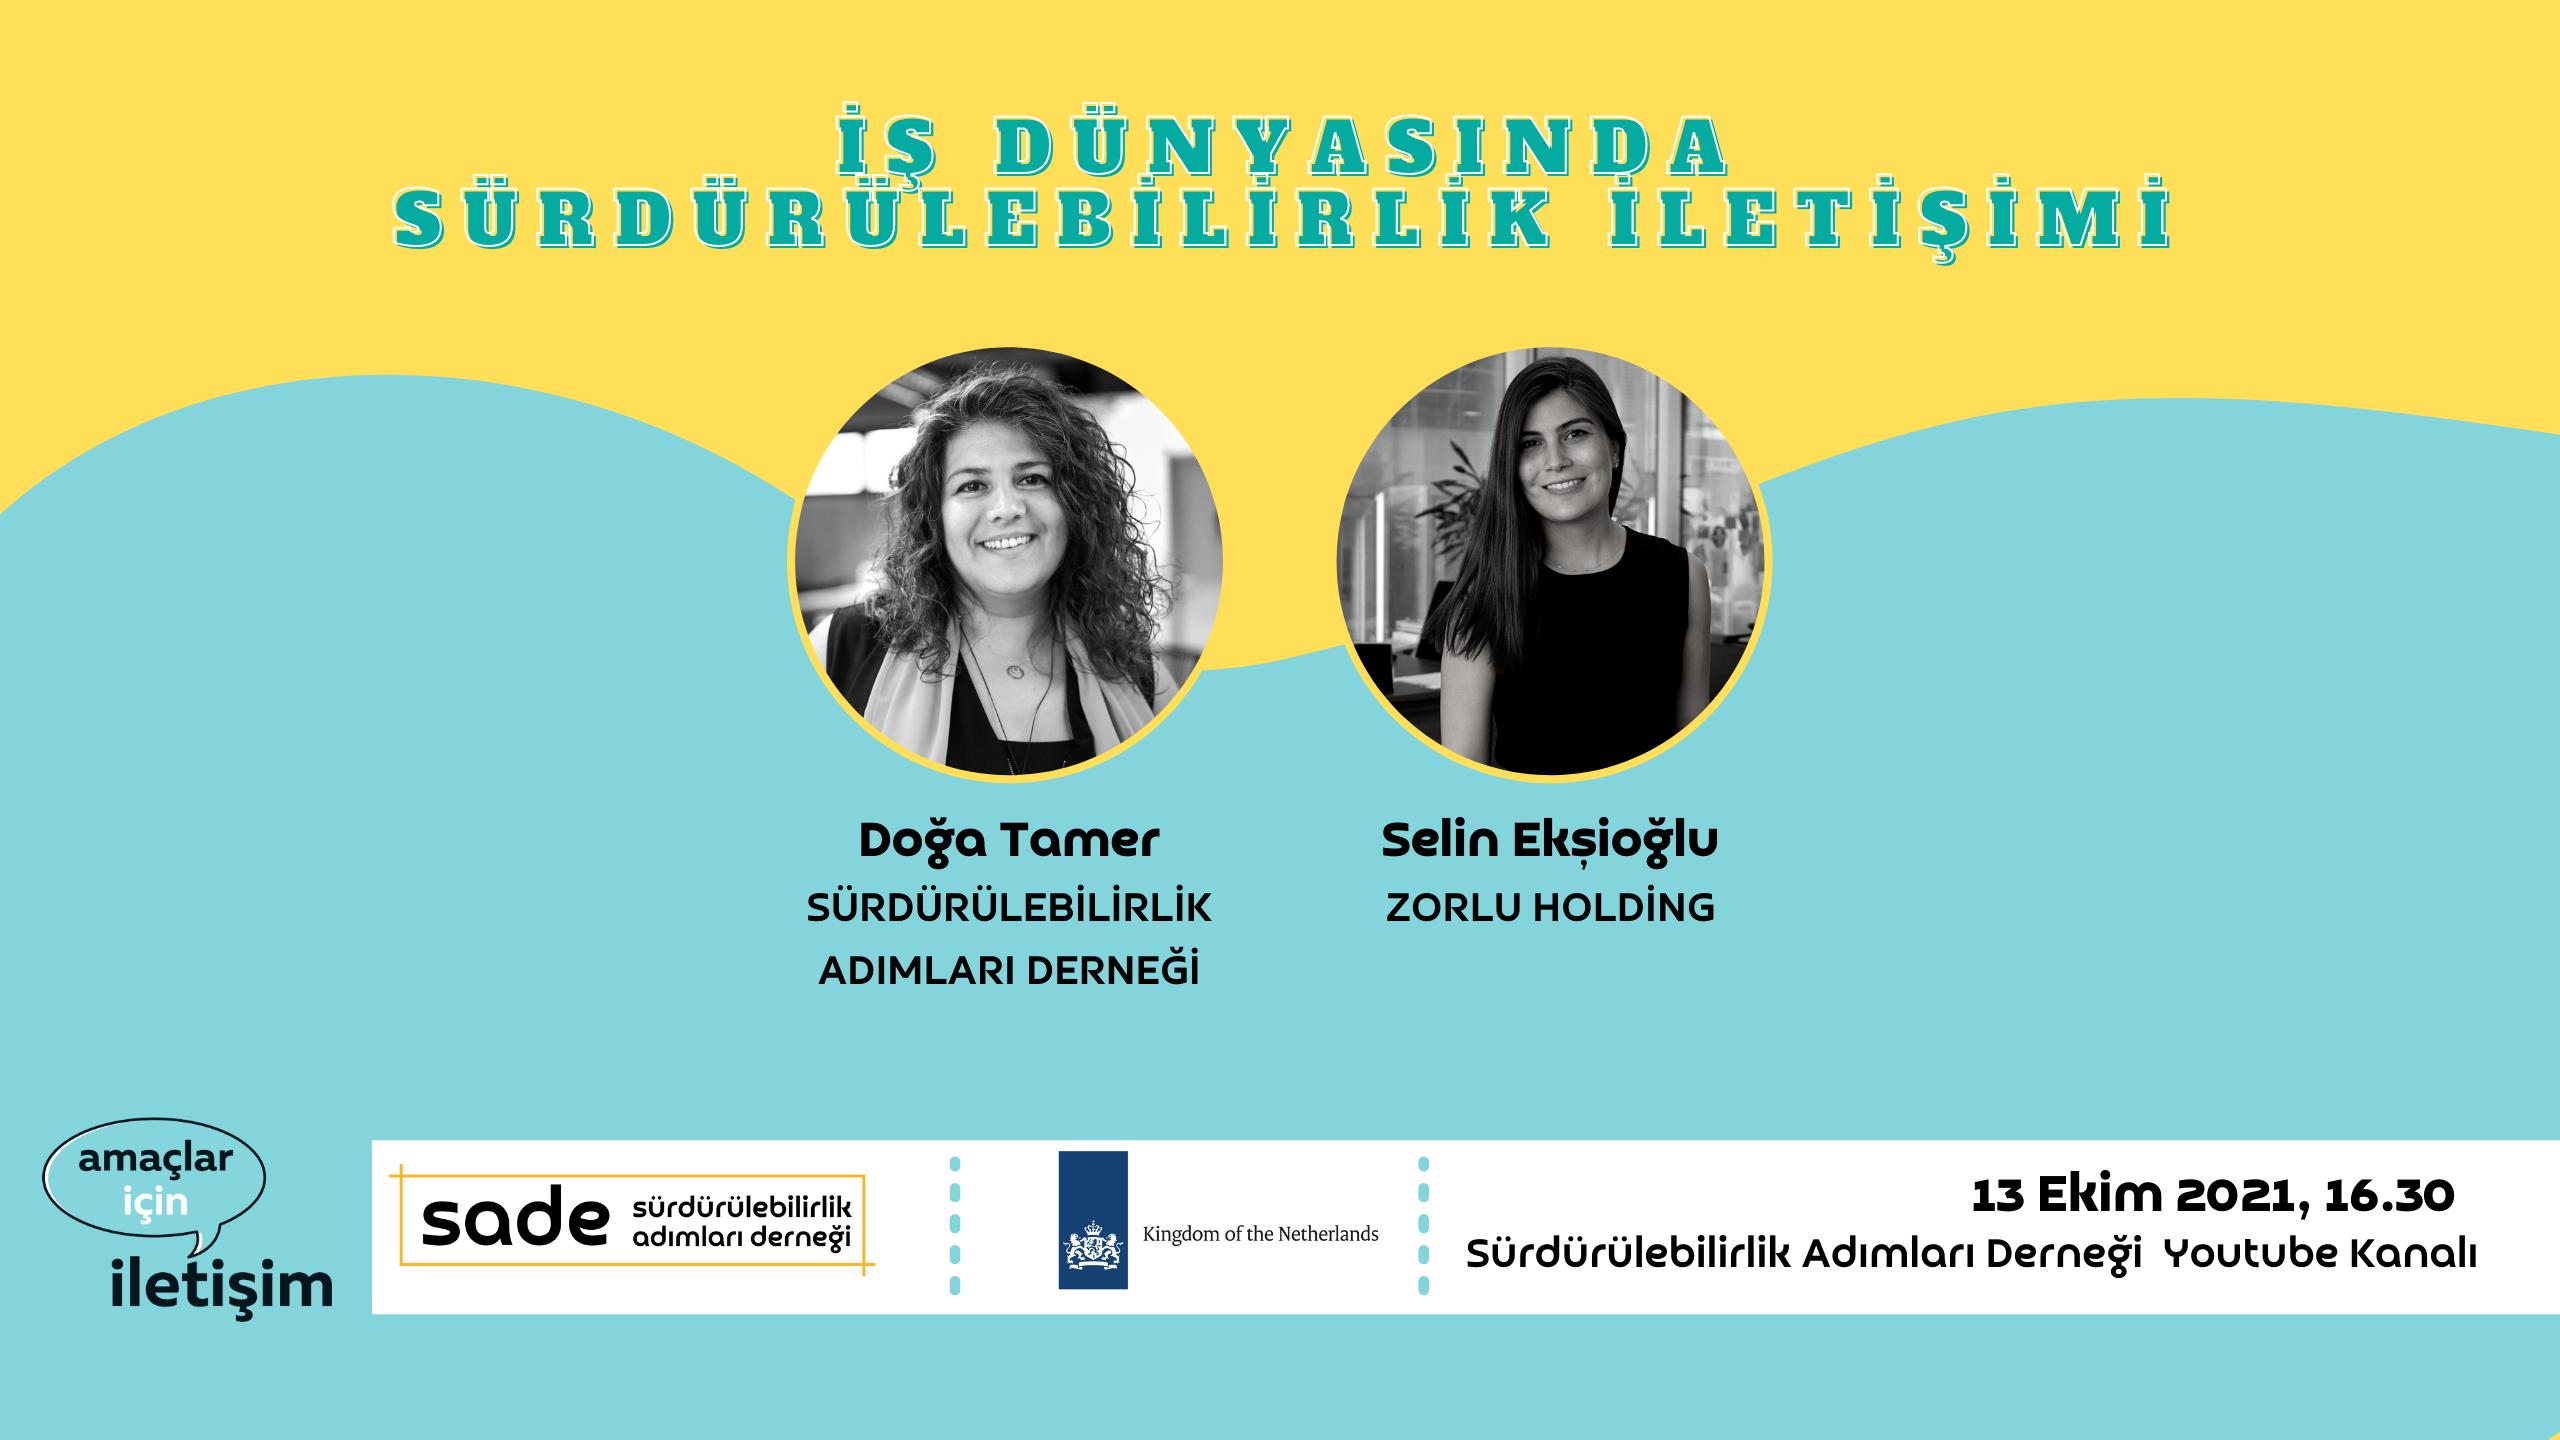 İş Dünyasında Sürdürülebilirlik İletişimi: Selin Ekşioğlu, Zorlu Holding